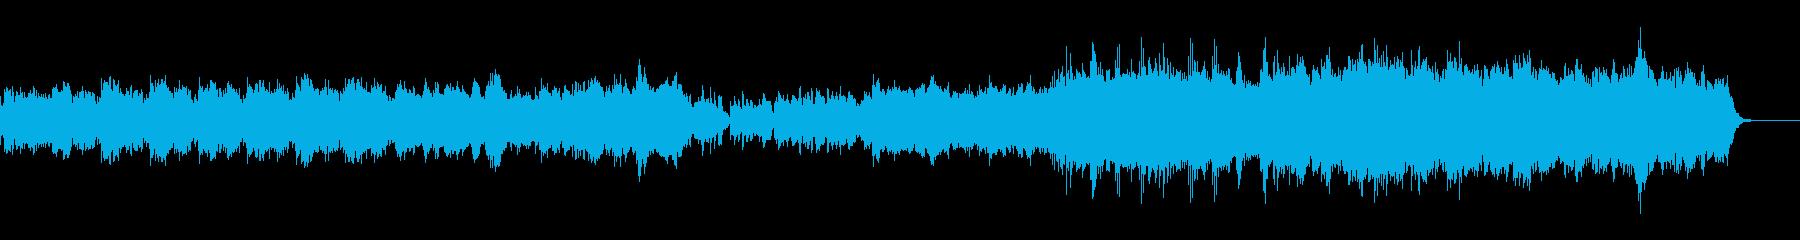 RPGのテーマ曲風オーケストラの再生済みの波形